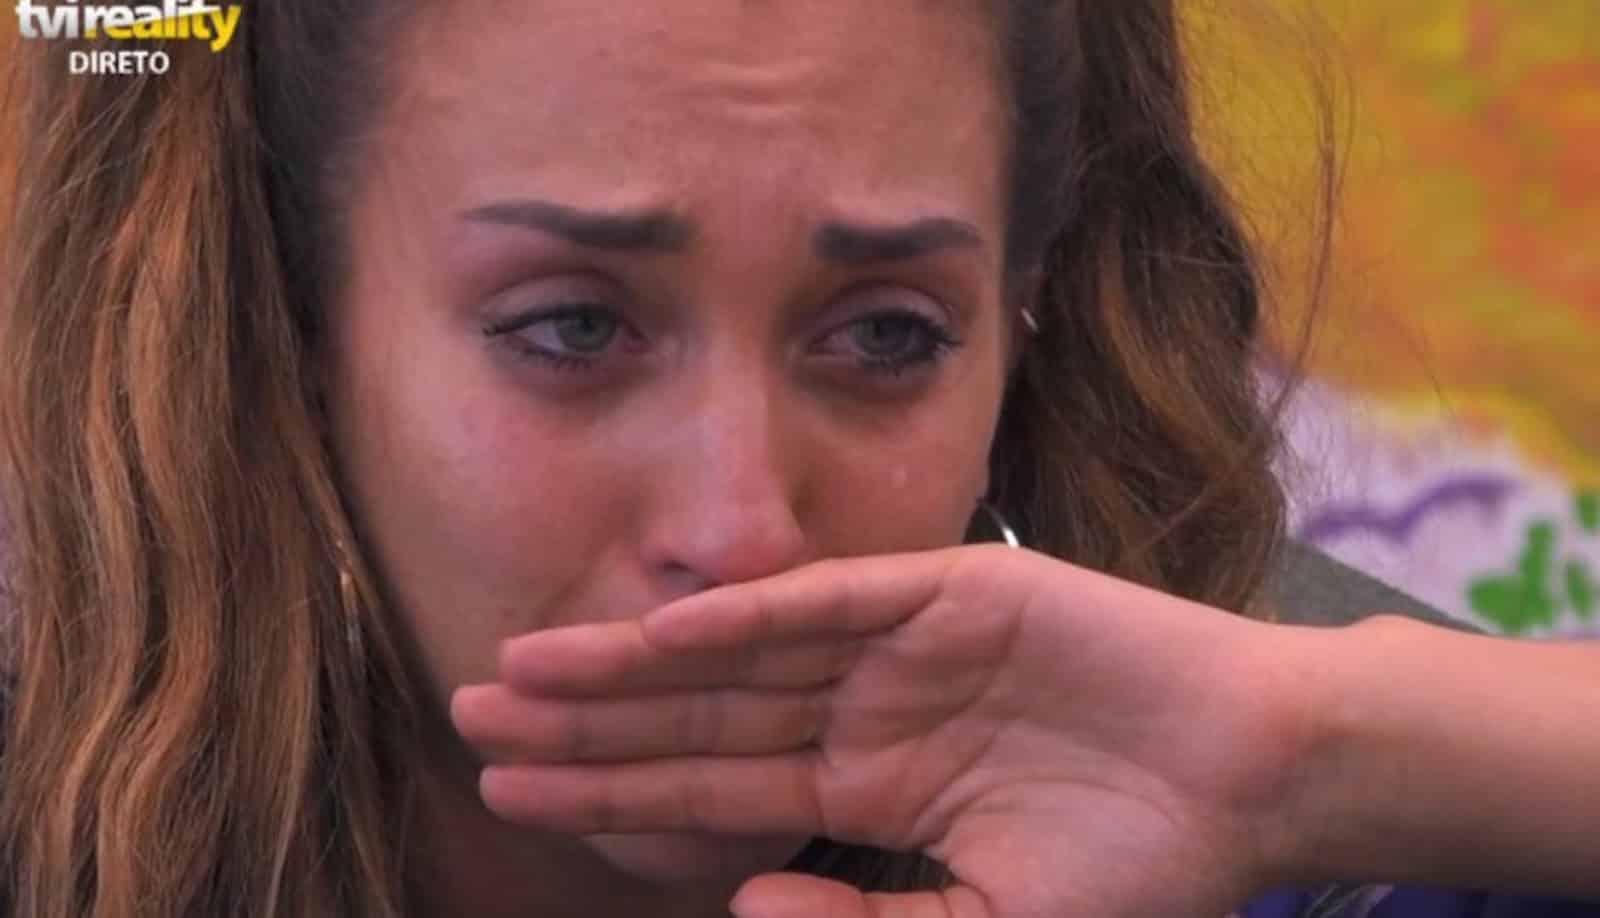 Big Brother Iury Big Brother: Após Avião Da Mãe, Iury Chora E Fala Em Desistir Do Big Brother